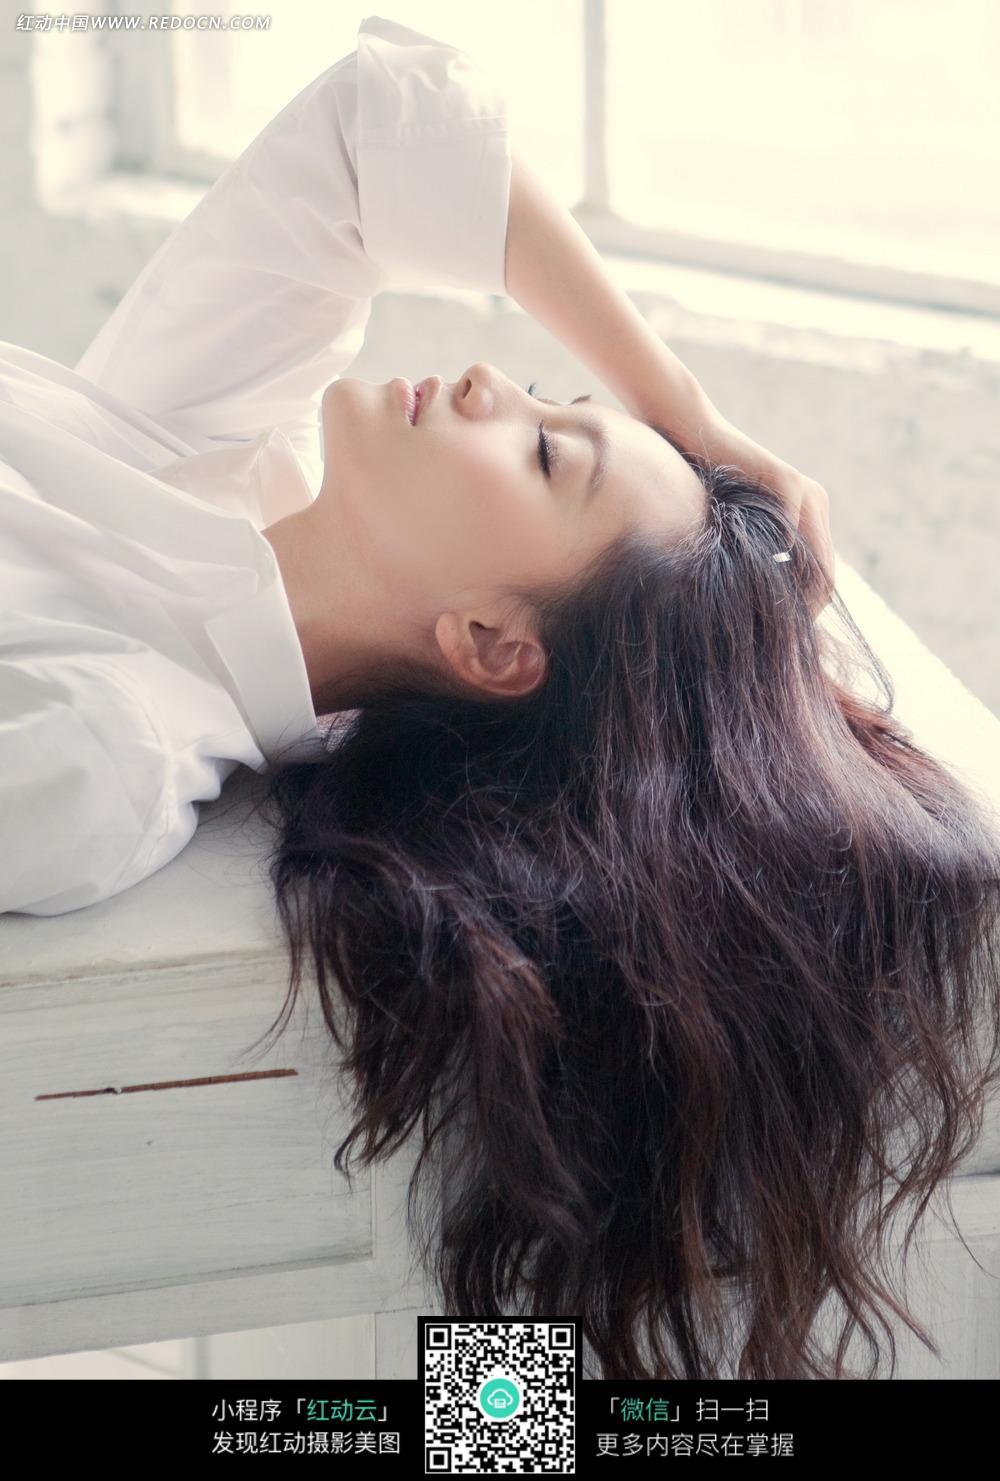 闭眼躺着的长发美女图片